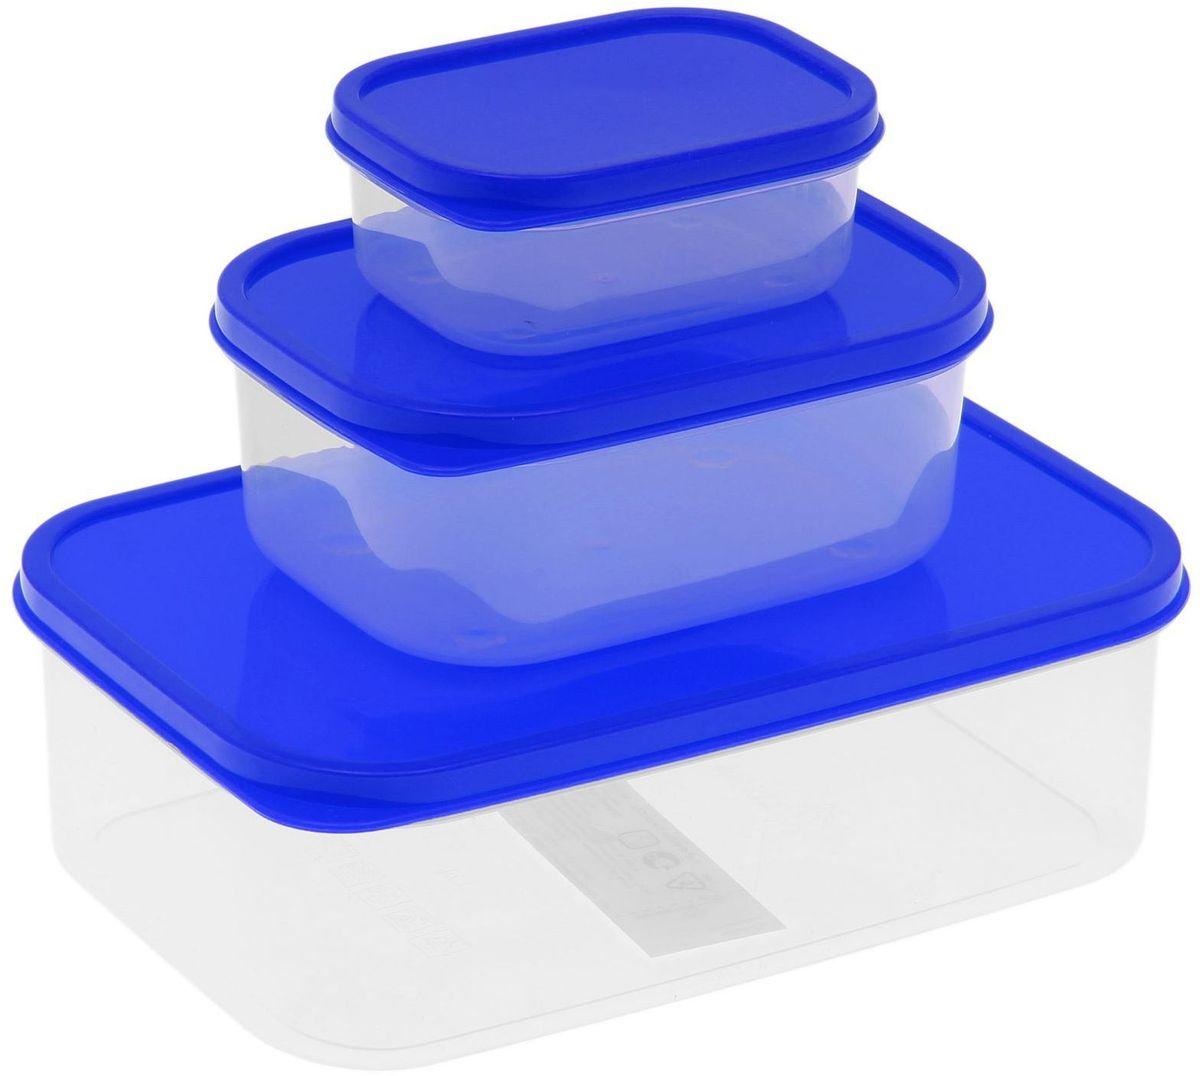 Набор пищевых контейнеров Доляна, цвет: синий, 3 шт1333883Если после вкусного обеда осталась еда, а насладиться трапезой хочется и на следующий день, ланч-бокс станет отличным решением данной проблемы!Такой контейнер является незаменимым предметом кухонной утвари, ведь у него много преимуществ:Простота ухода. Ланч-бокс достаточно промыть тёплой водой с небольшим количеством чистящего средства, и он снова готов к использованию.Вместительность. Большой выбор форм и объёма поможет разместить разнообразные продукты от сахара до супов.Эргономичность. Ланч-боксы очень легко хранить даже в самой маленькой кухне, так как их можно поставить один в другой по принципу матрёшки.Многофункциональность. Разнообразие цветов и форм делает возможным использование контейнеров не только на кухне, но и в других областях домашнего быта.Любители приготовления обеда на всю семью в большинстве случаев приобретают ланч-боксы наборами, так как это позволяет рассортировать продукты по всевозможным признакам. К тому же контейнеры среднего размера станут незаменимыми помощниками на работе: ведь что может быть приятнее, чем порадовать себя во время обеда прекрасной едой, заботливо сохранённой в контейнере?В качестве материала для изготовления используется пластик, что делает процесс ухода за контейнером ещё более эффективным. К каждому ланч-боксу в комплекте также прилагается крышка подходящего размера, это позволяет плотно и надёжно удерживать запах еды и упрощает процесс транспортировки.Однако рекомендуется соблюдать и меры предосторожности: не использовать пластиковые контейнеры в духовых шкафах и на открытом огне, а также не разогревать в микроволновых печах при закрытой крышке ланч-бокса. Соблюдение мер безопасности позволит продлить срок эксплуатации и сохранить отличный внешний вид изделия.Эргономичный дизайн и многофункциональность таких контейнеров — вот, что является причиной большой популярности данного предмета у каждой хозяйки. А в преддверии лета и дачного сезона такое приобретение 